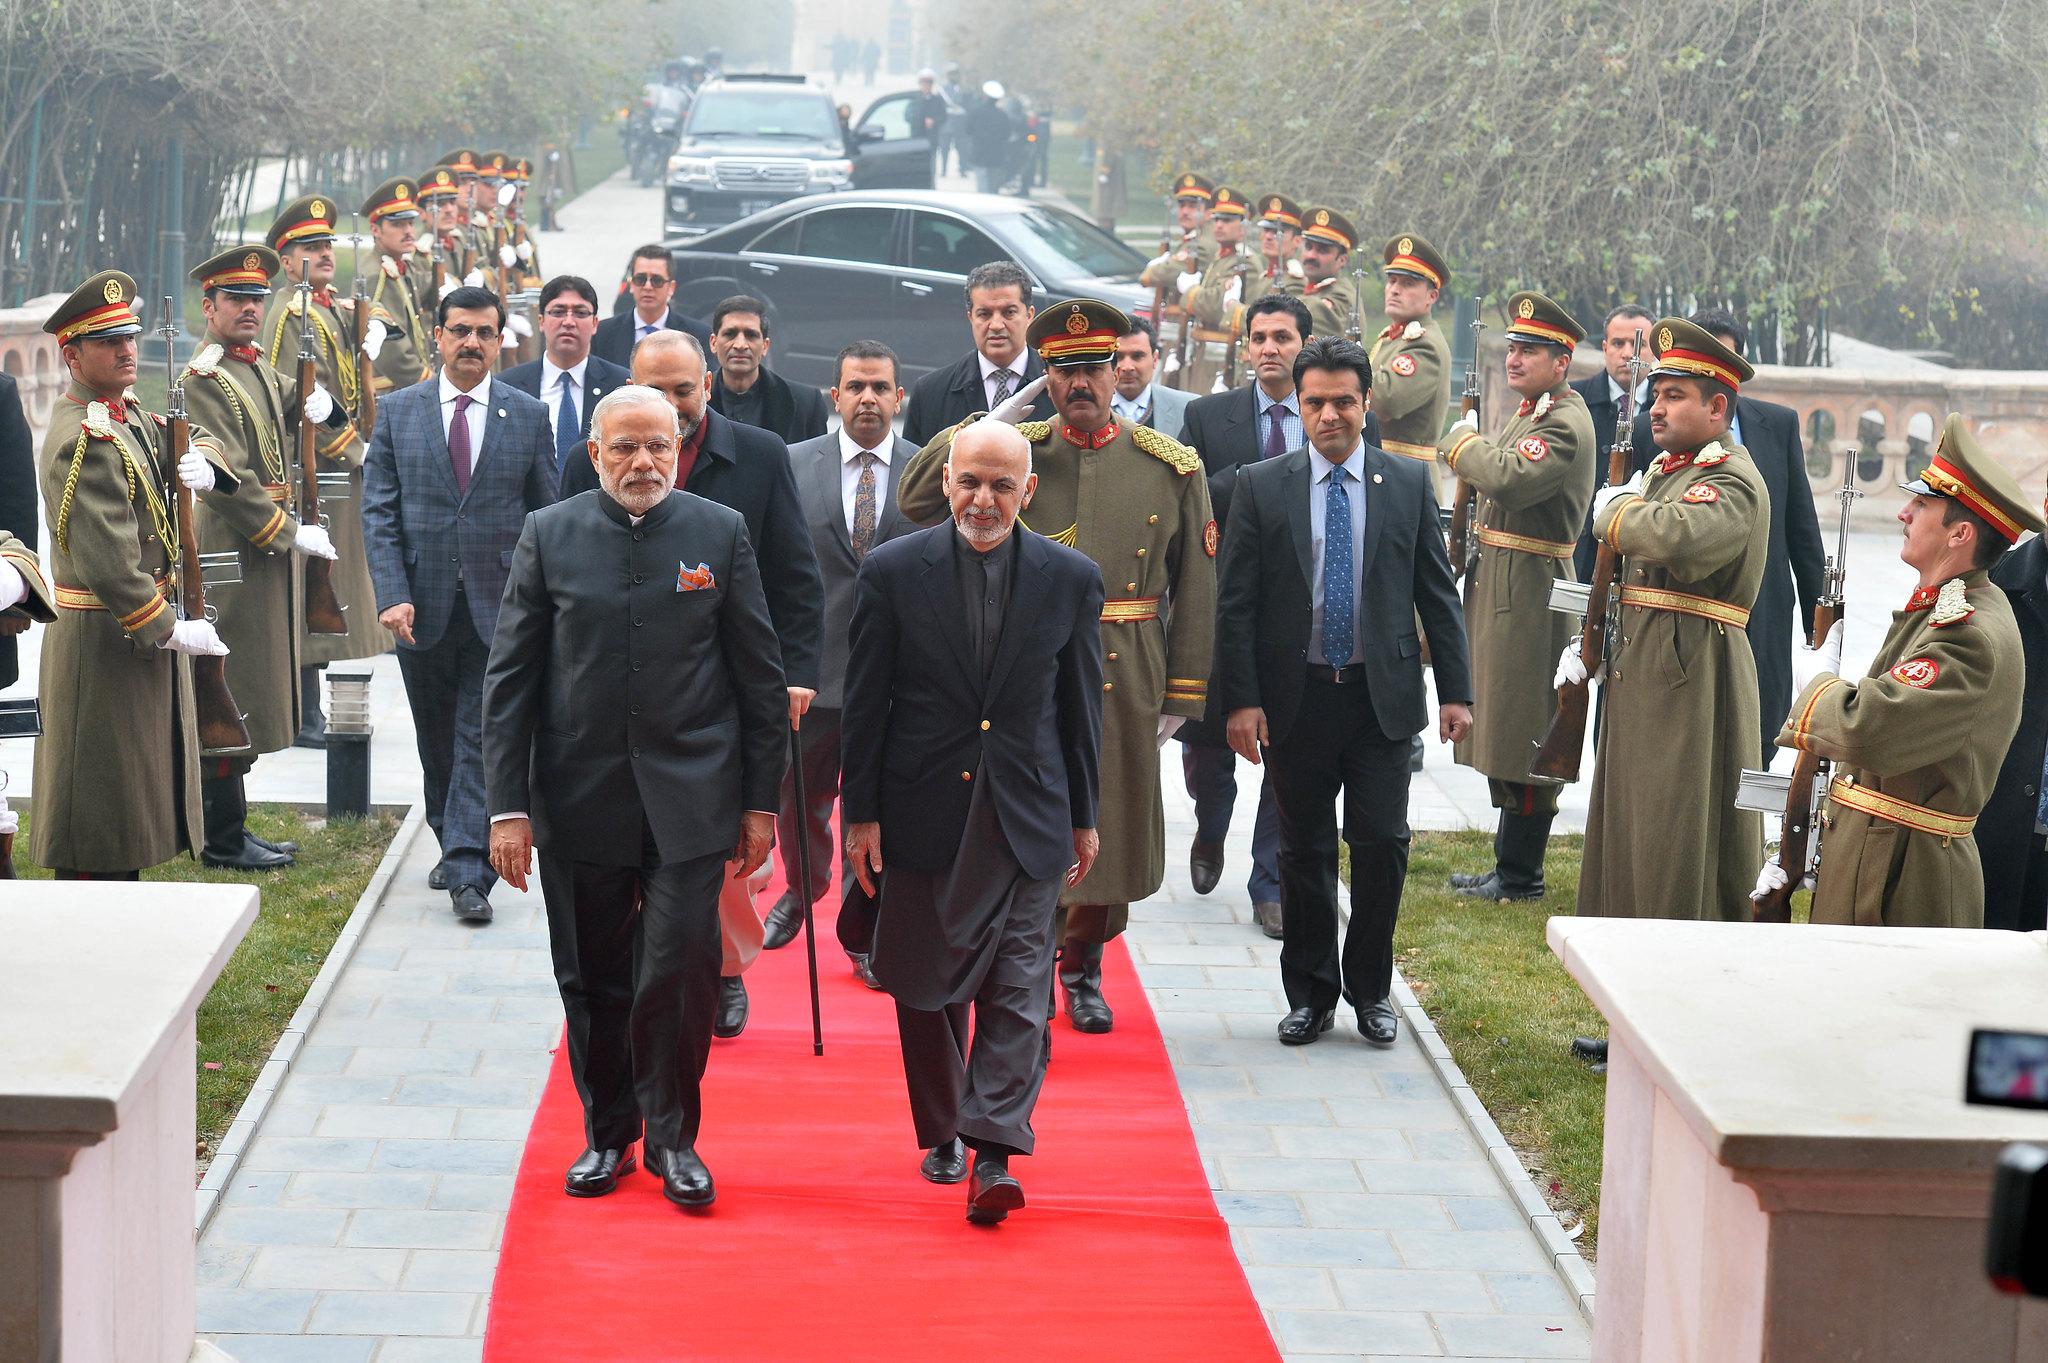 Oficjalna wizyta. Premier Indii i prezydent Afganistanu. Fot. materiały prasowe Kancelarii Premiera Indii